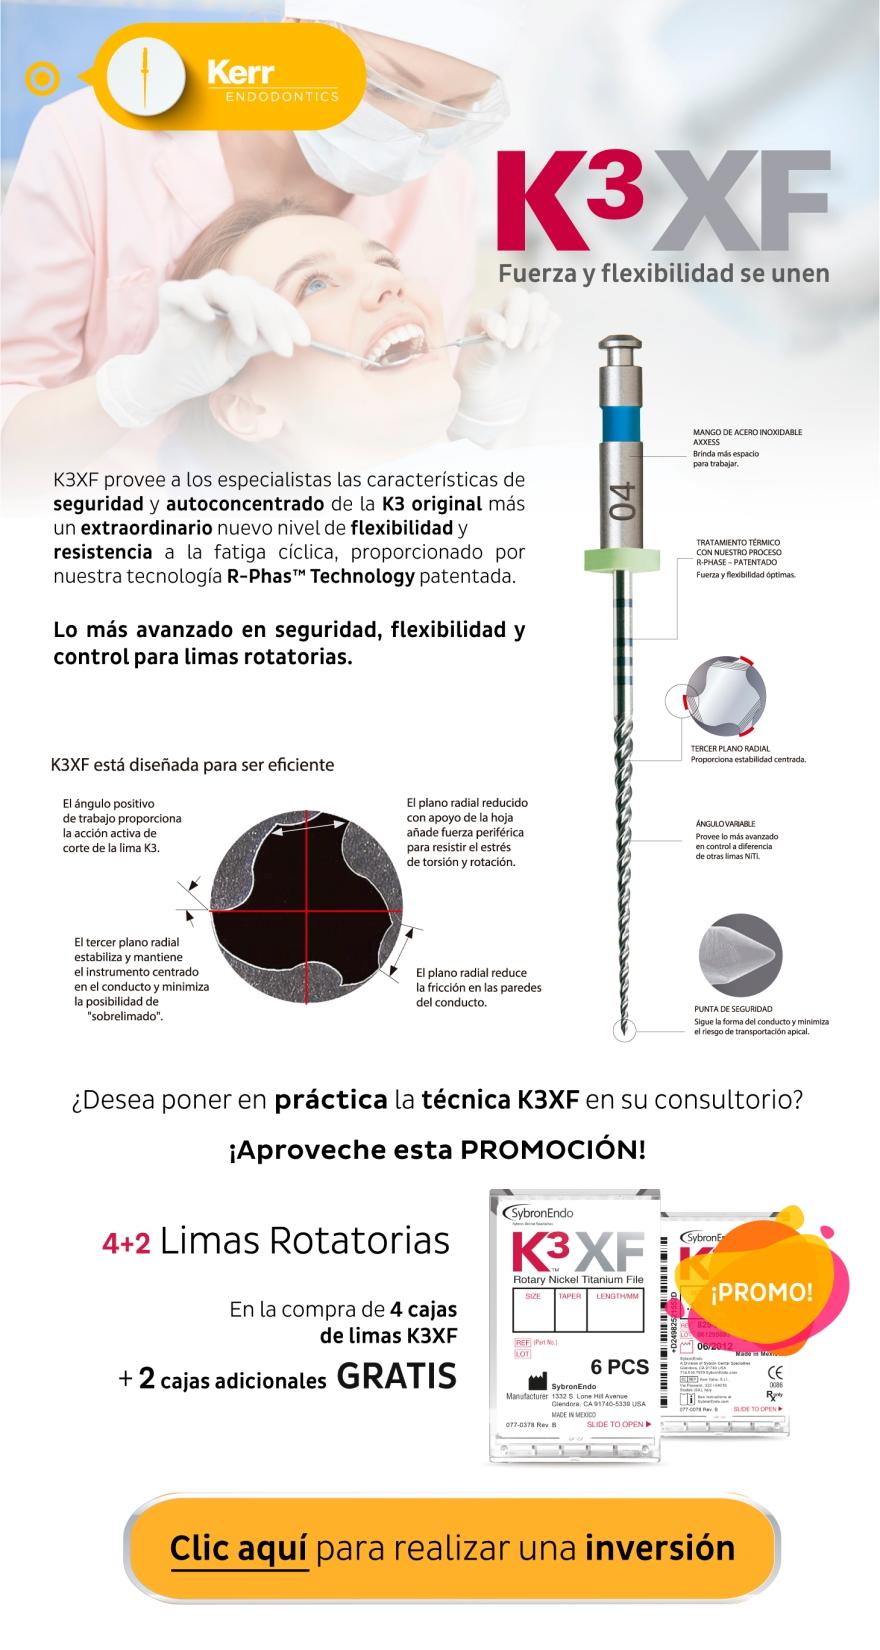 Workflow_Descargable_TécnicaK3XF-04